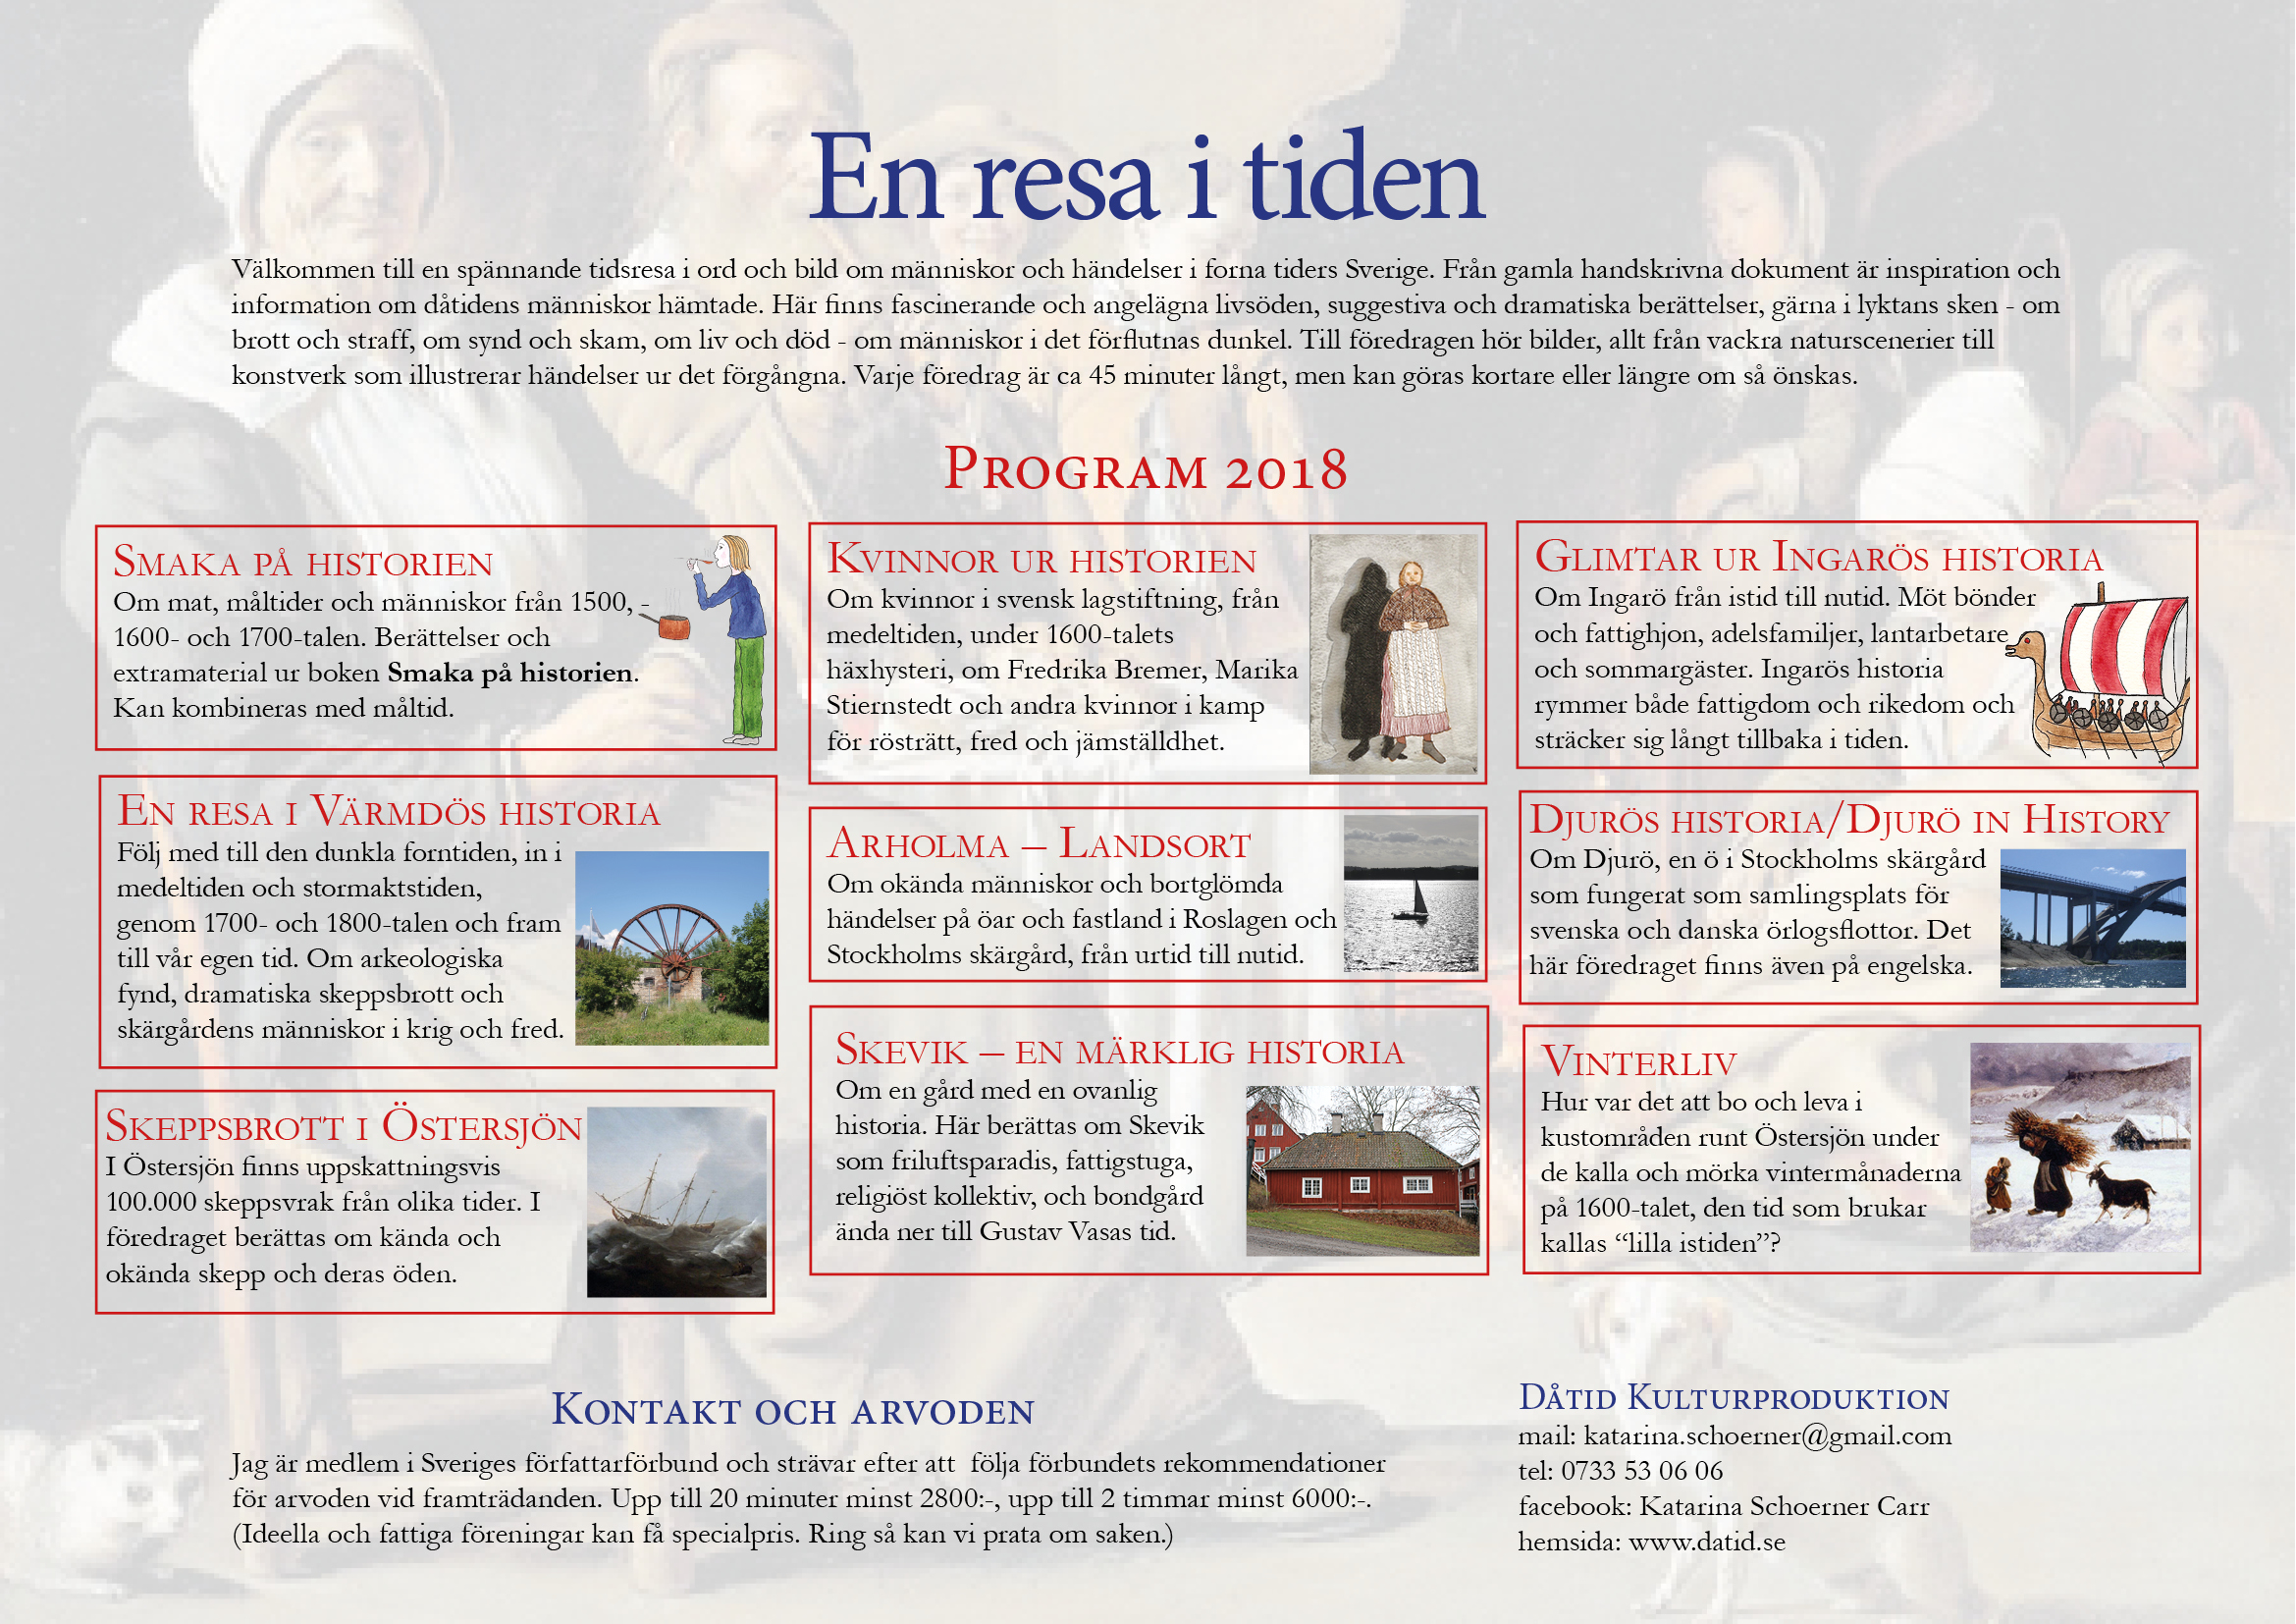 viktiga händelser under svenska medeltiden